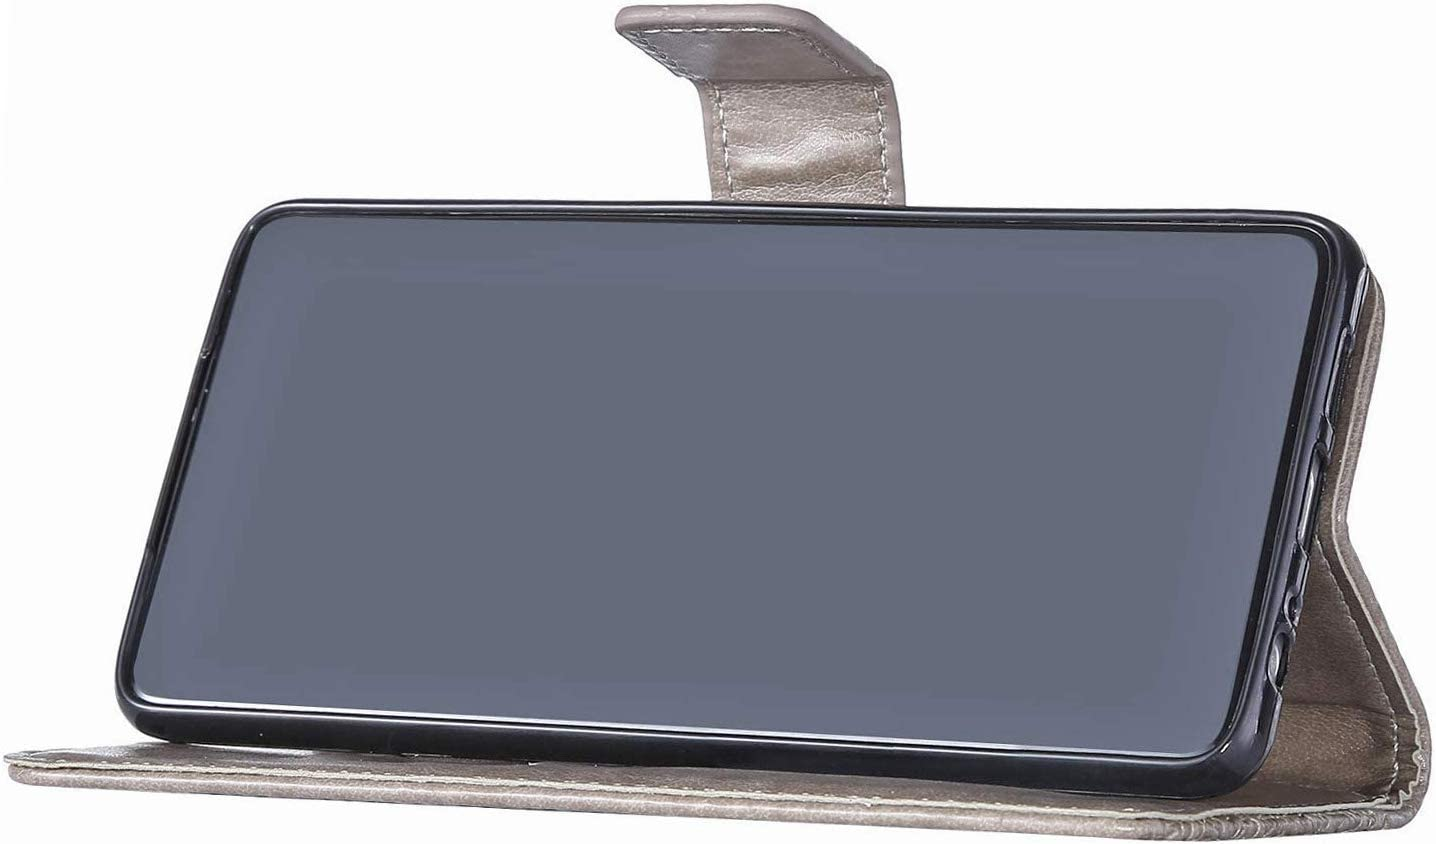 Saceebe Compatible avec Samsung Galaxy S8 Coque Cuir Portefeuille Etui Rabat Housse Protection Fleurs de Cerisier Chat Motif Flip Case Clapet Porte Cartes Fermeture Magn/étique,Rose Rouge